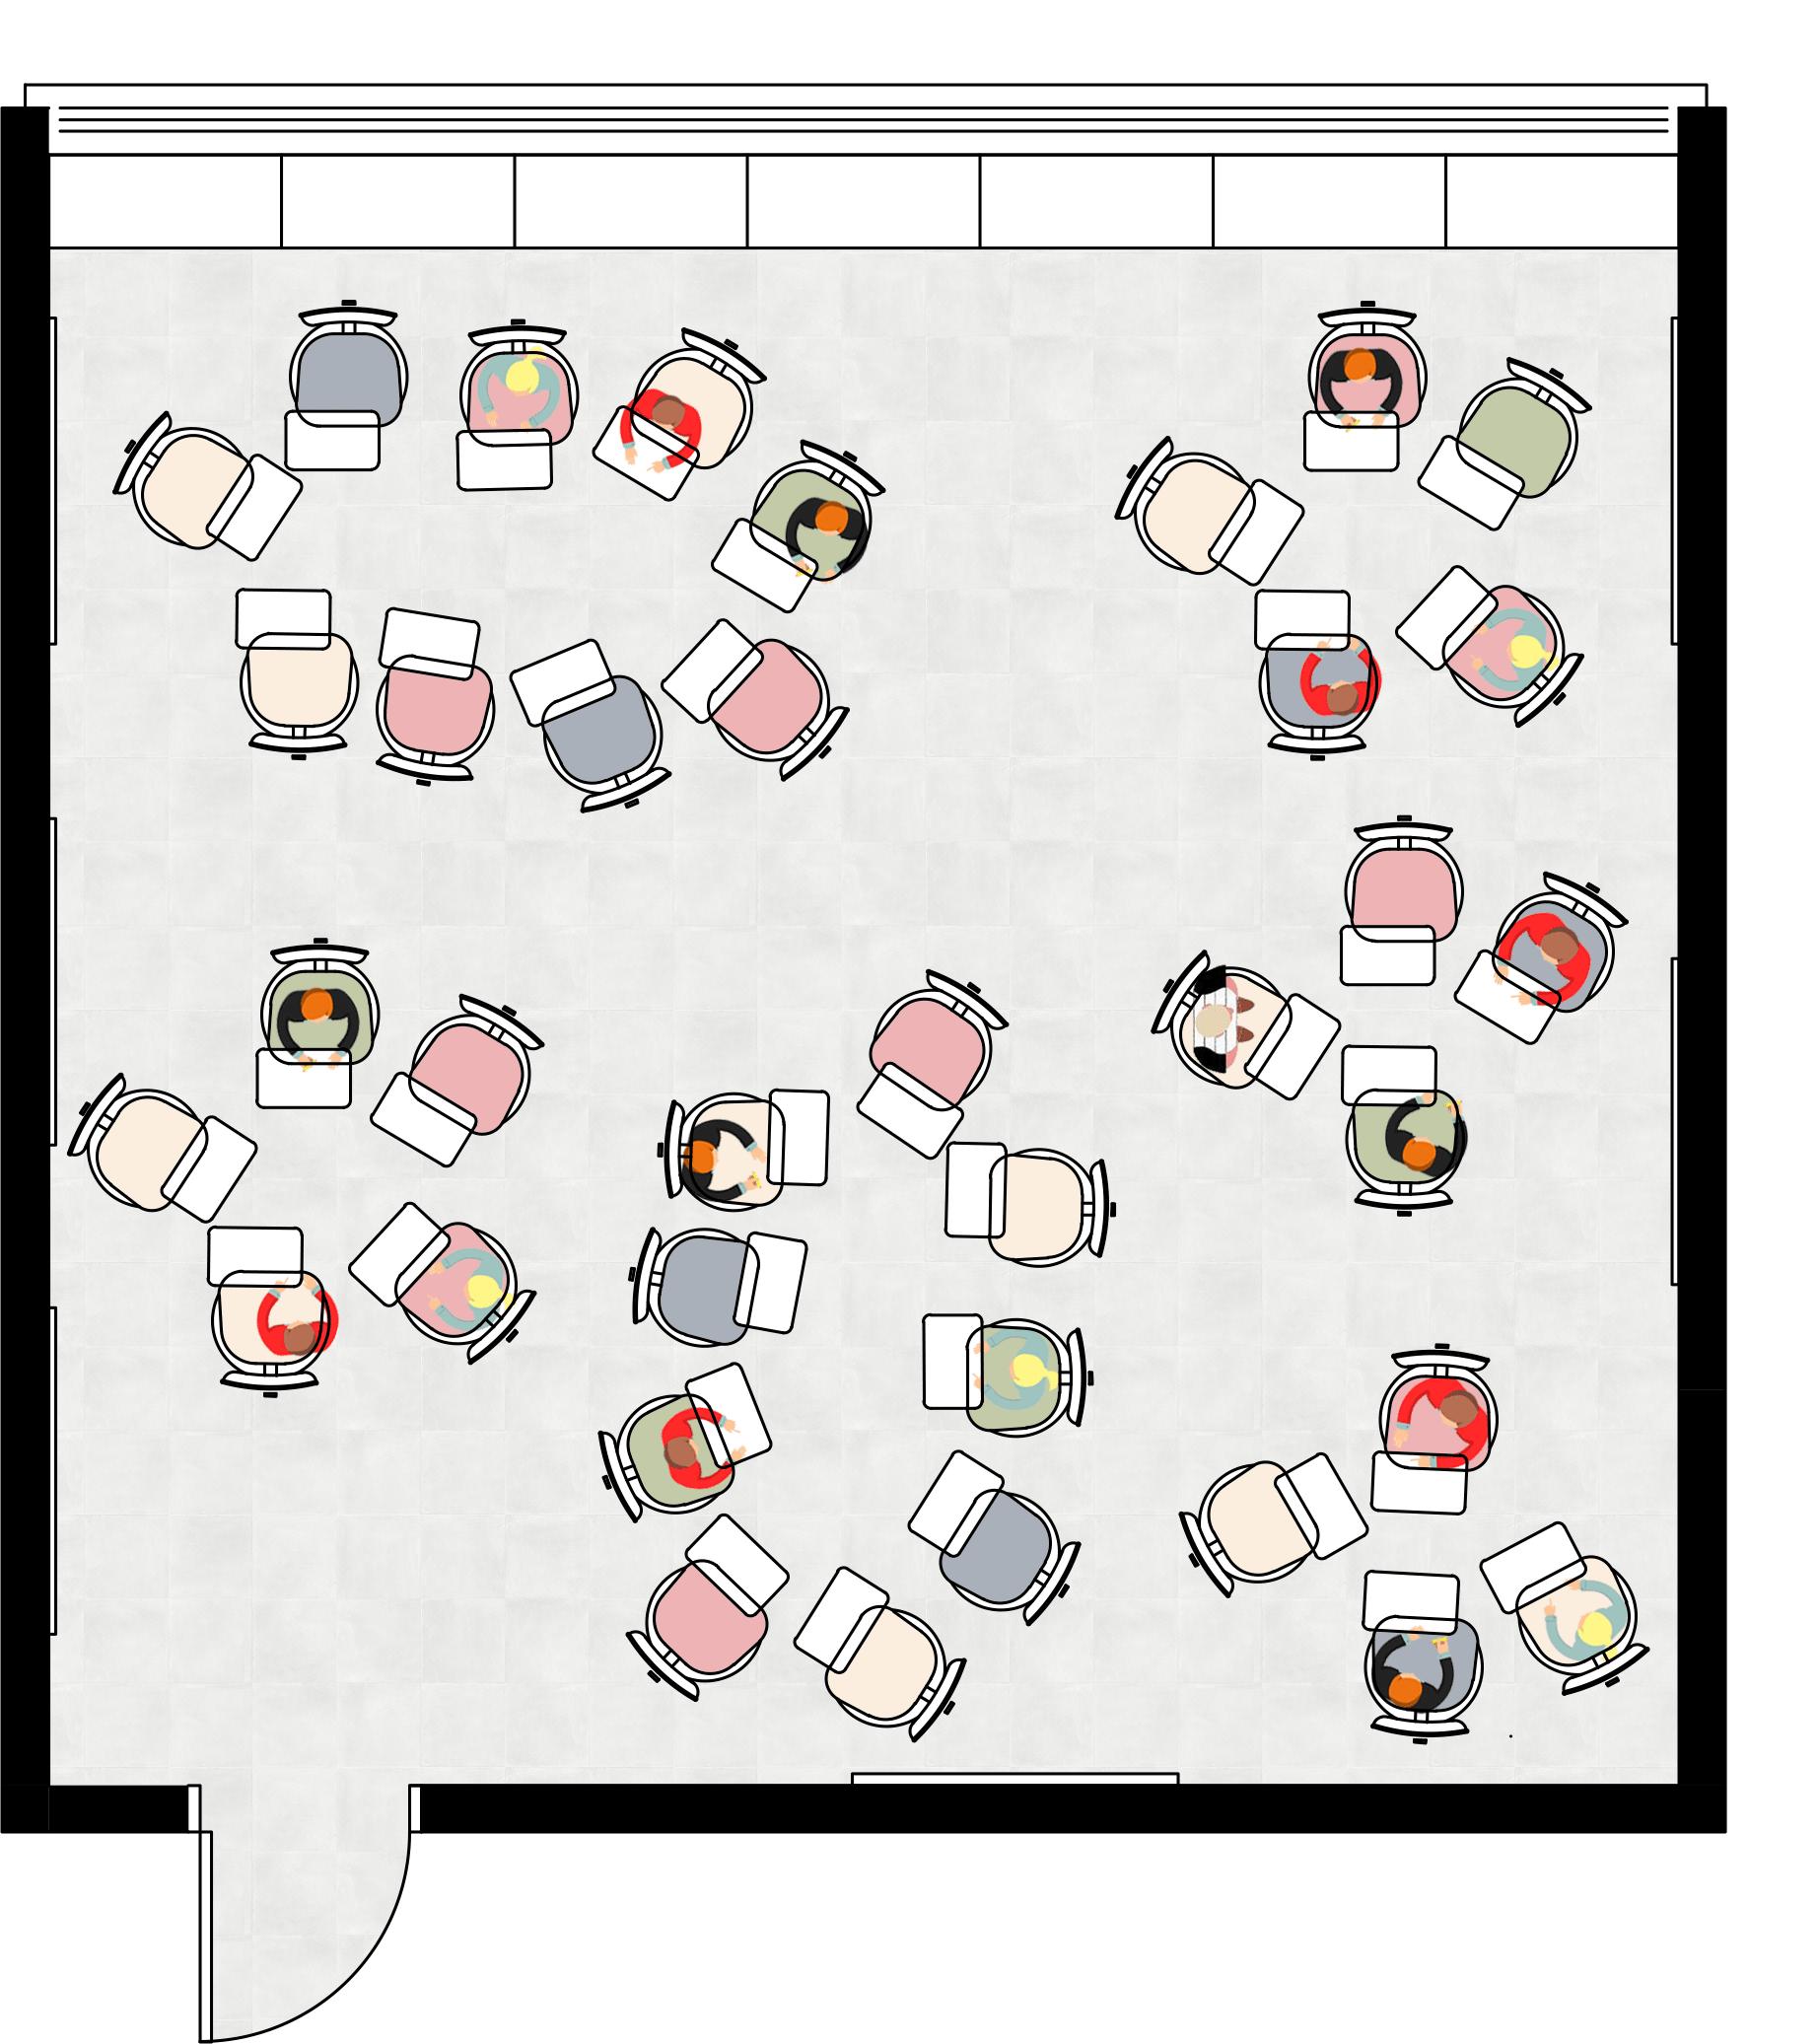 מערכת כיתות מאופינות - גמישה